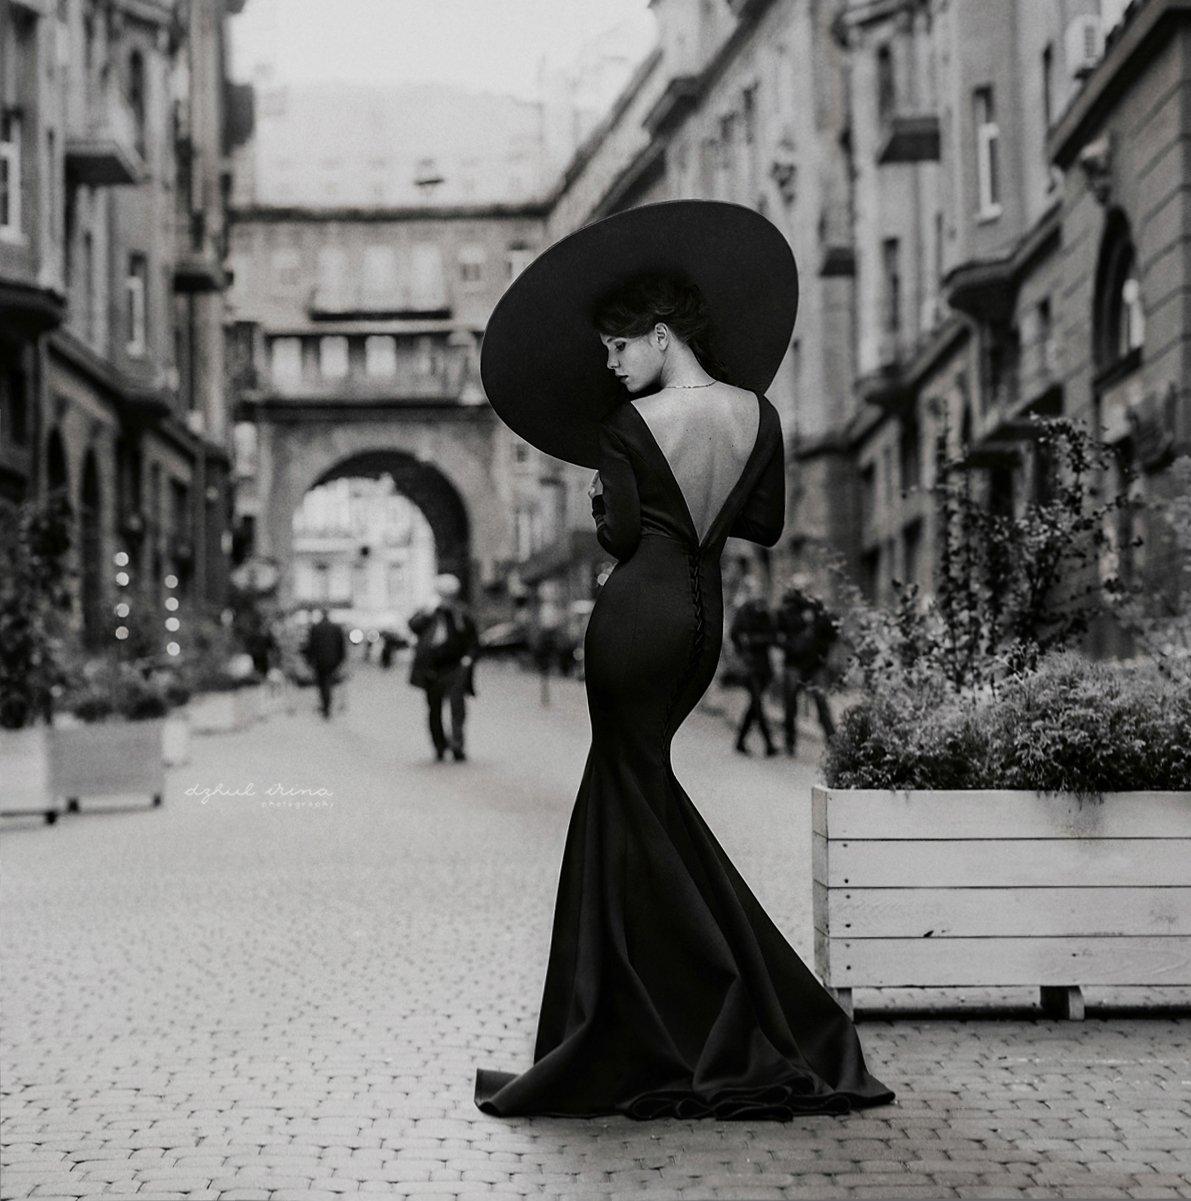 portreite girl people dzhulirina irinadzhul, Ирина Джуль